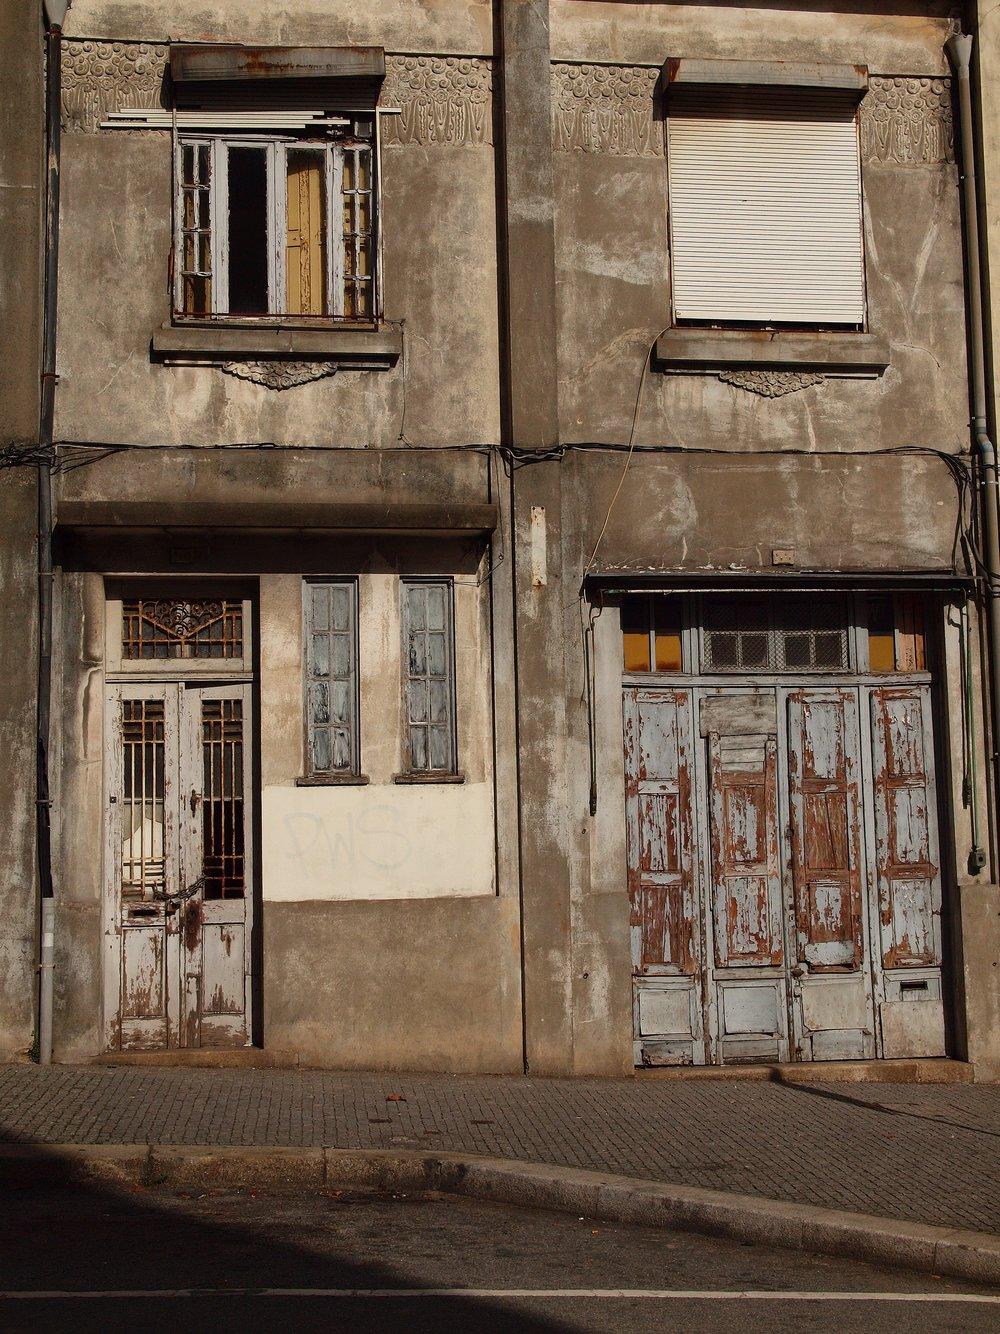 Manowski_Oporto_Doors.jpg